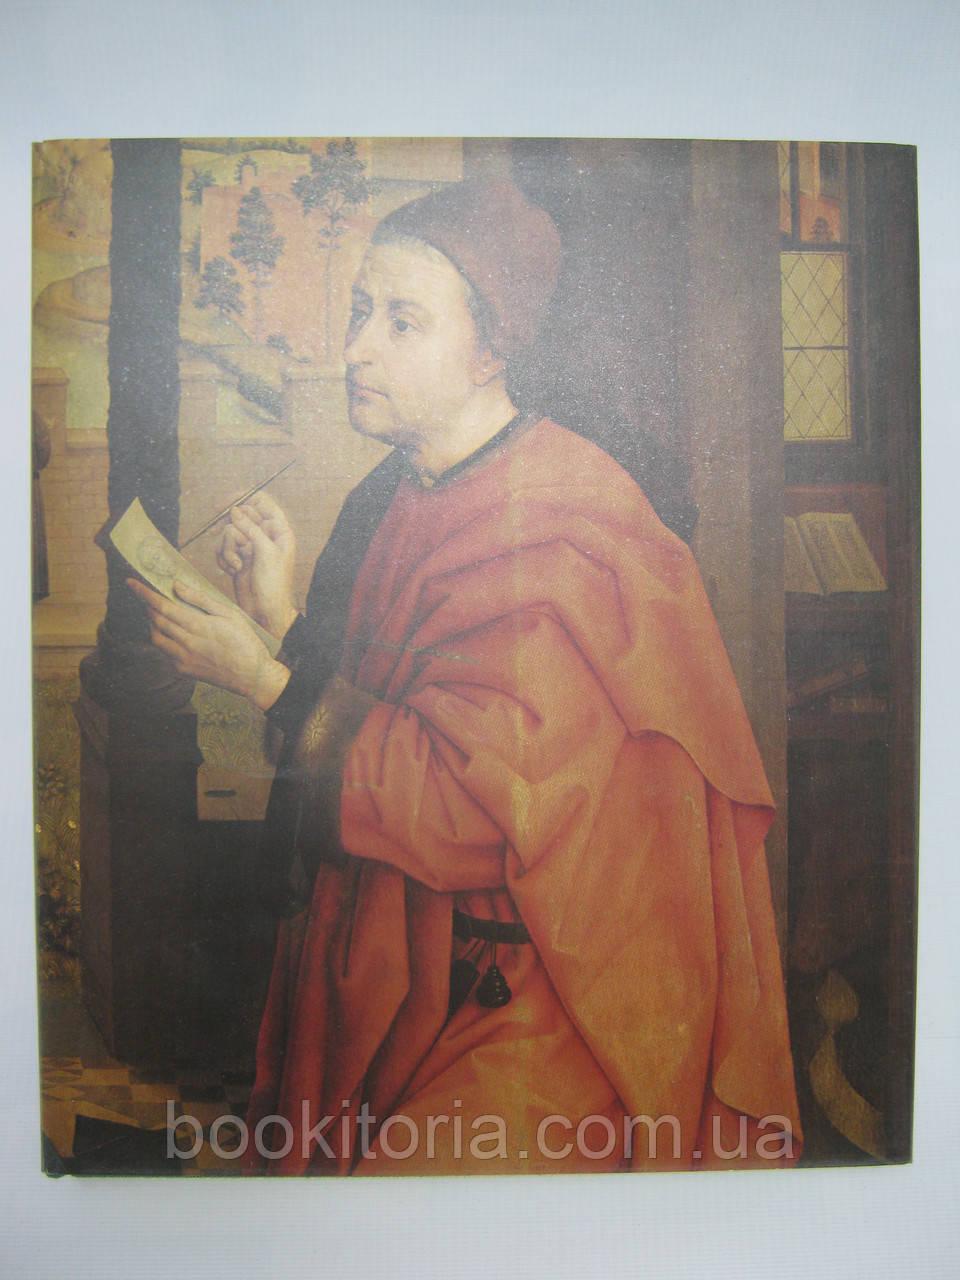 Никулин Н.Н. Золотой век нидерландской живописи. XV век (б/у).